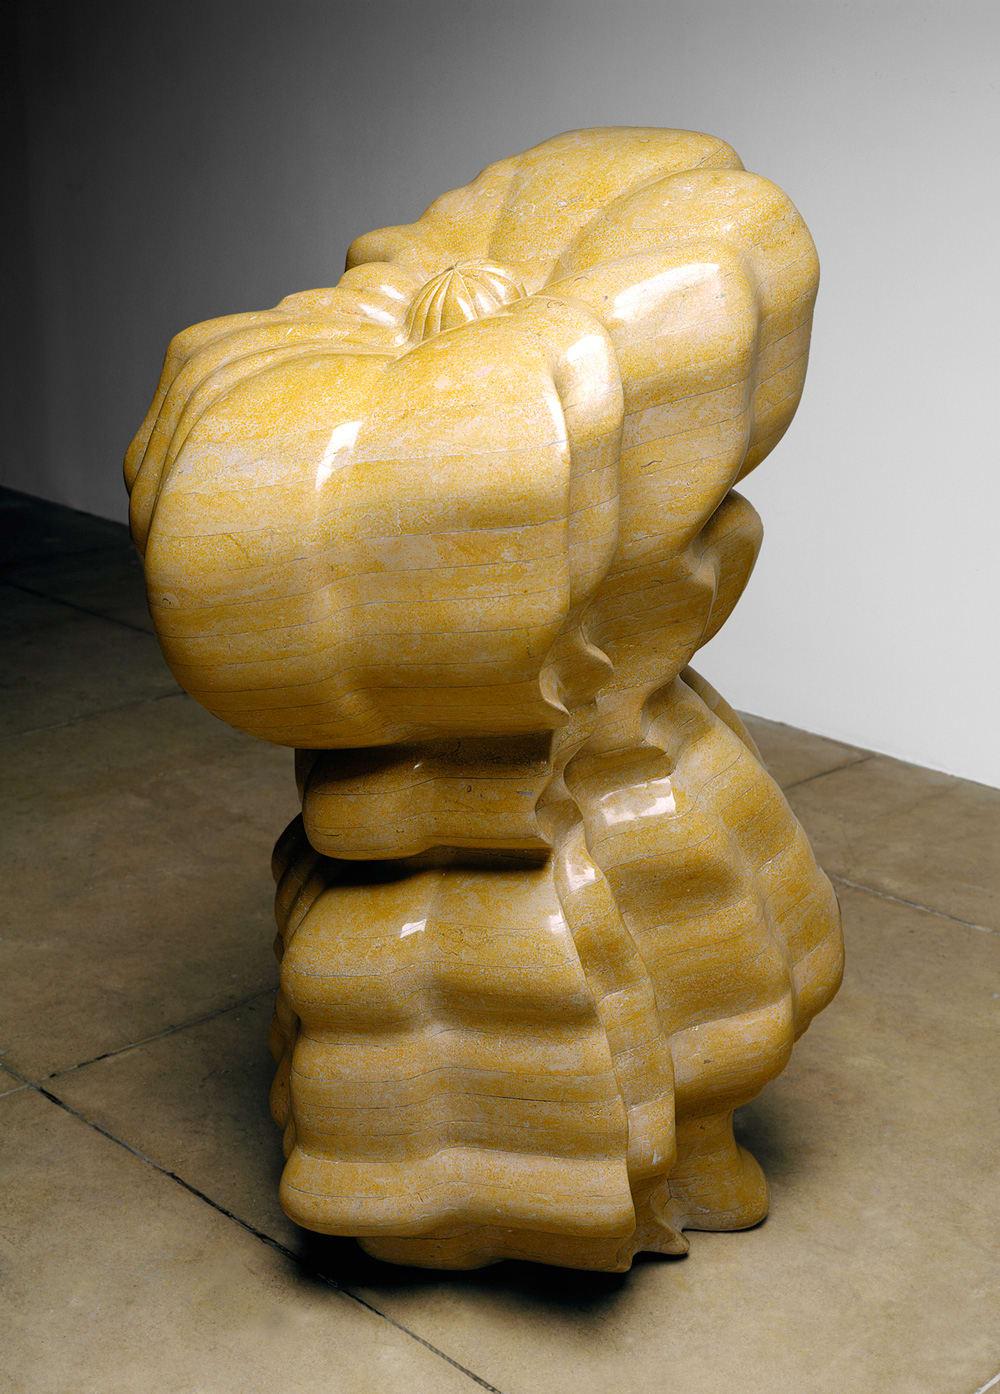 Tony Cragg, Eine Wucht In Tüten (A power in a bag), 2000